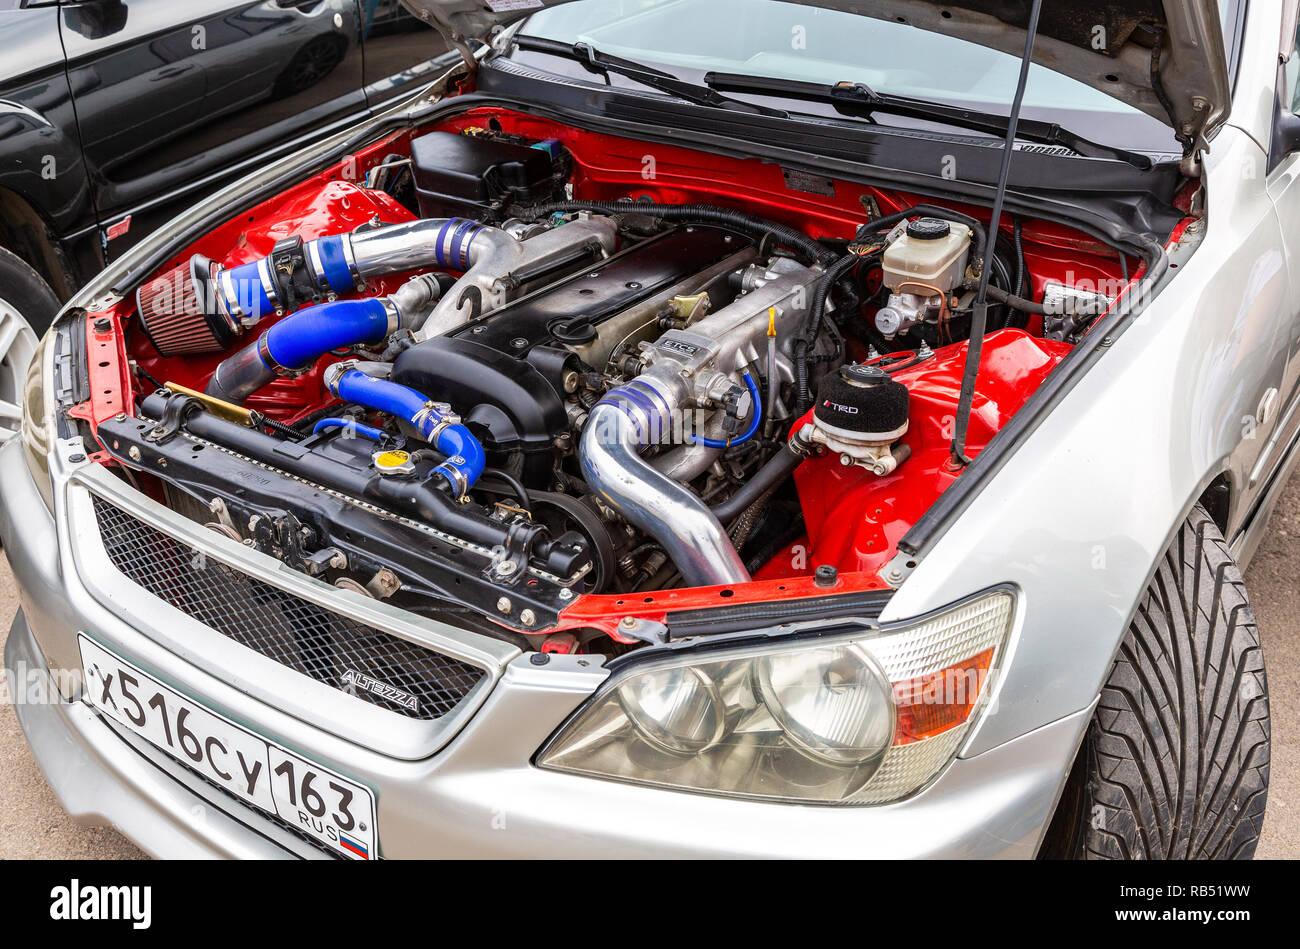 Samara, Russland - 19. Mai 2018: Getunten turbo Auto Motor von Toyota Altezza, unter der Haube des Fahrzeugs Stockbild